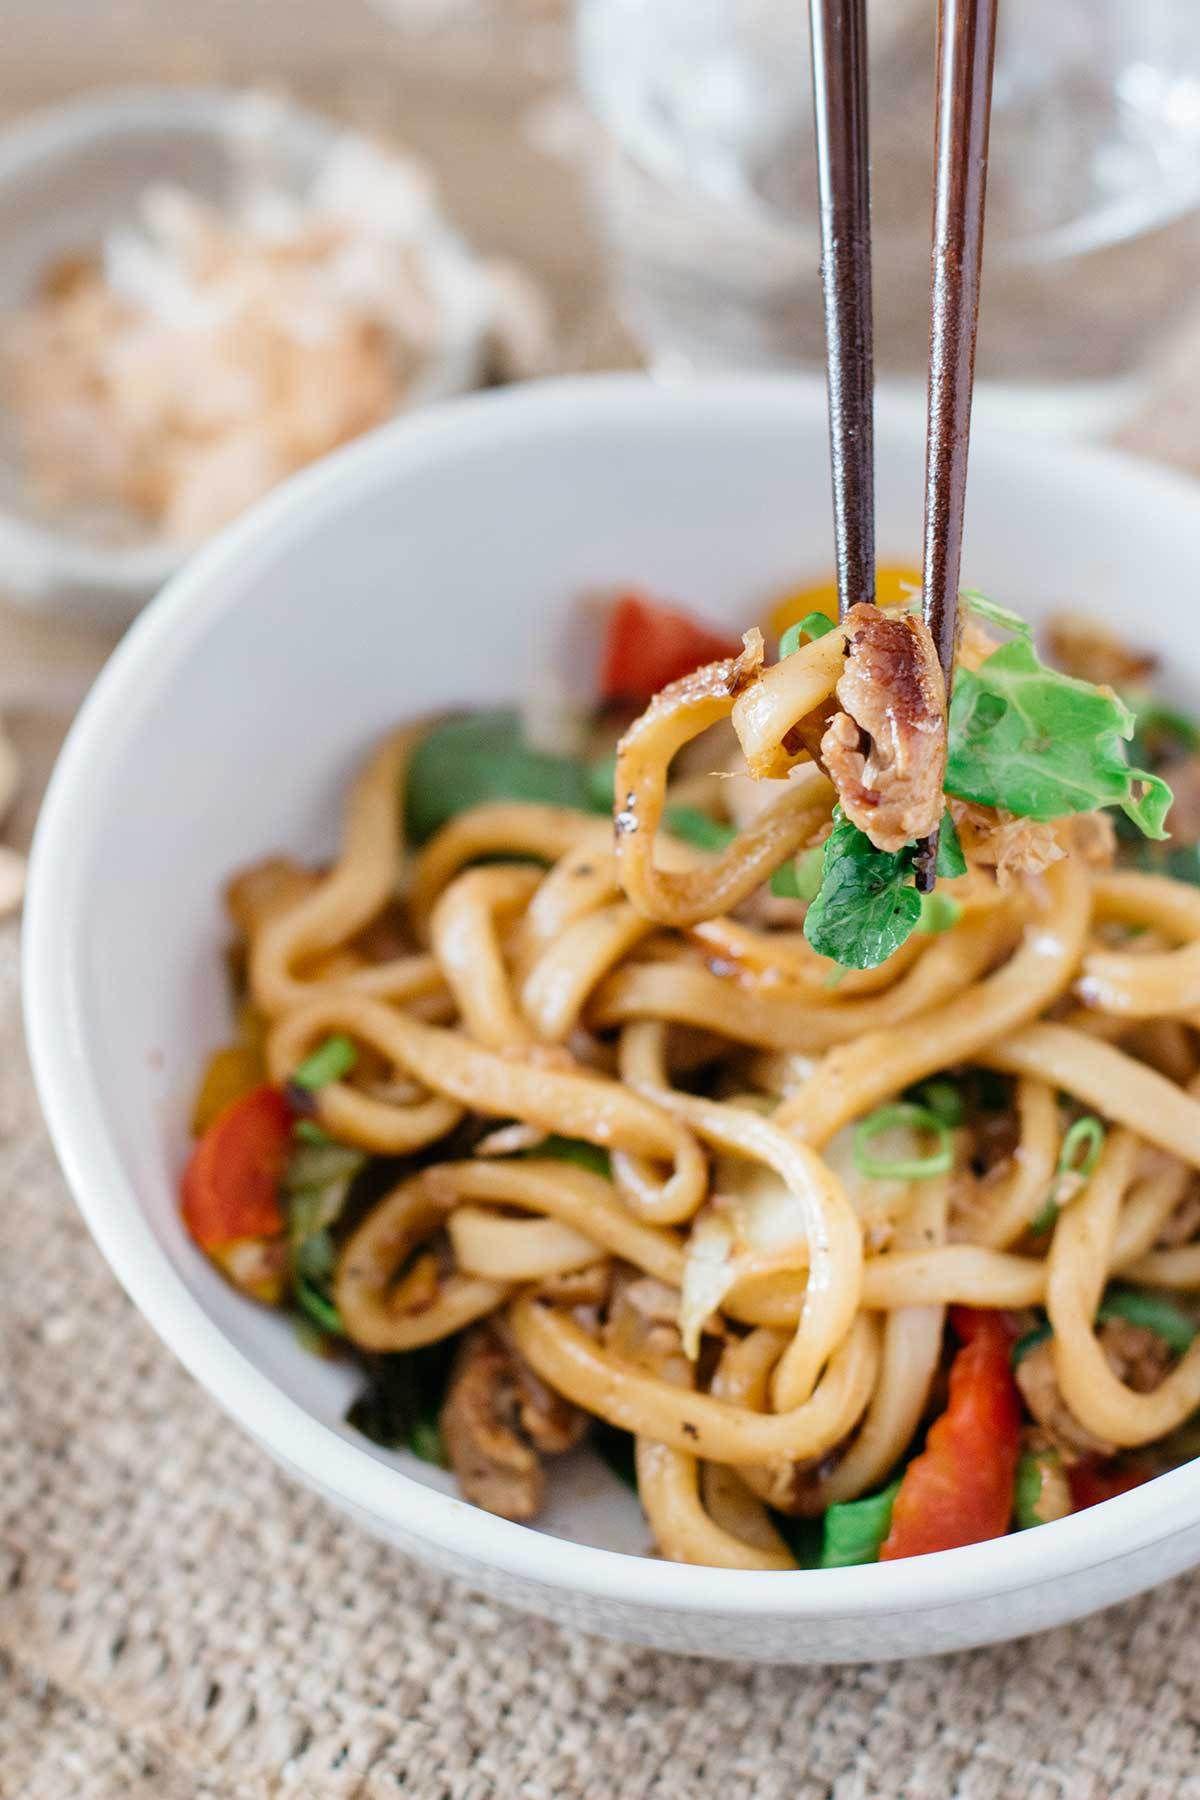 e46ac6dfbc8328d46e1beccd099c88c3 - Ricette Noodles